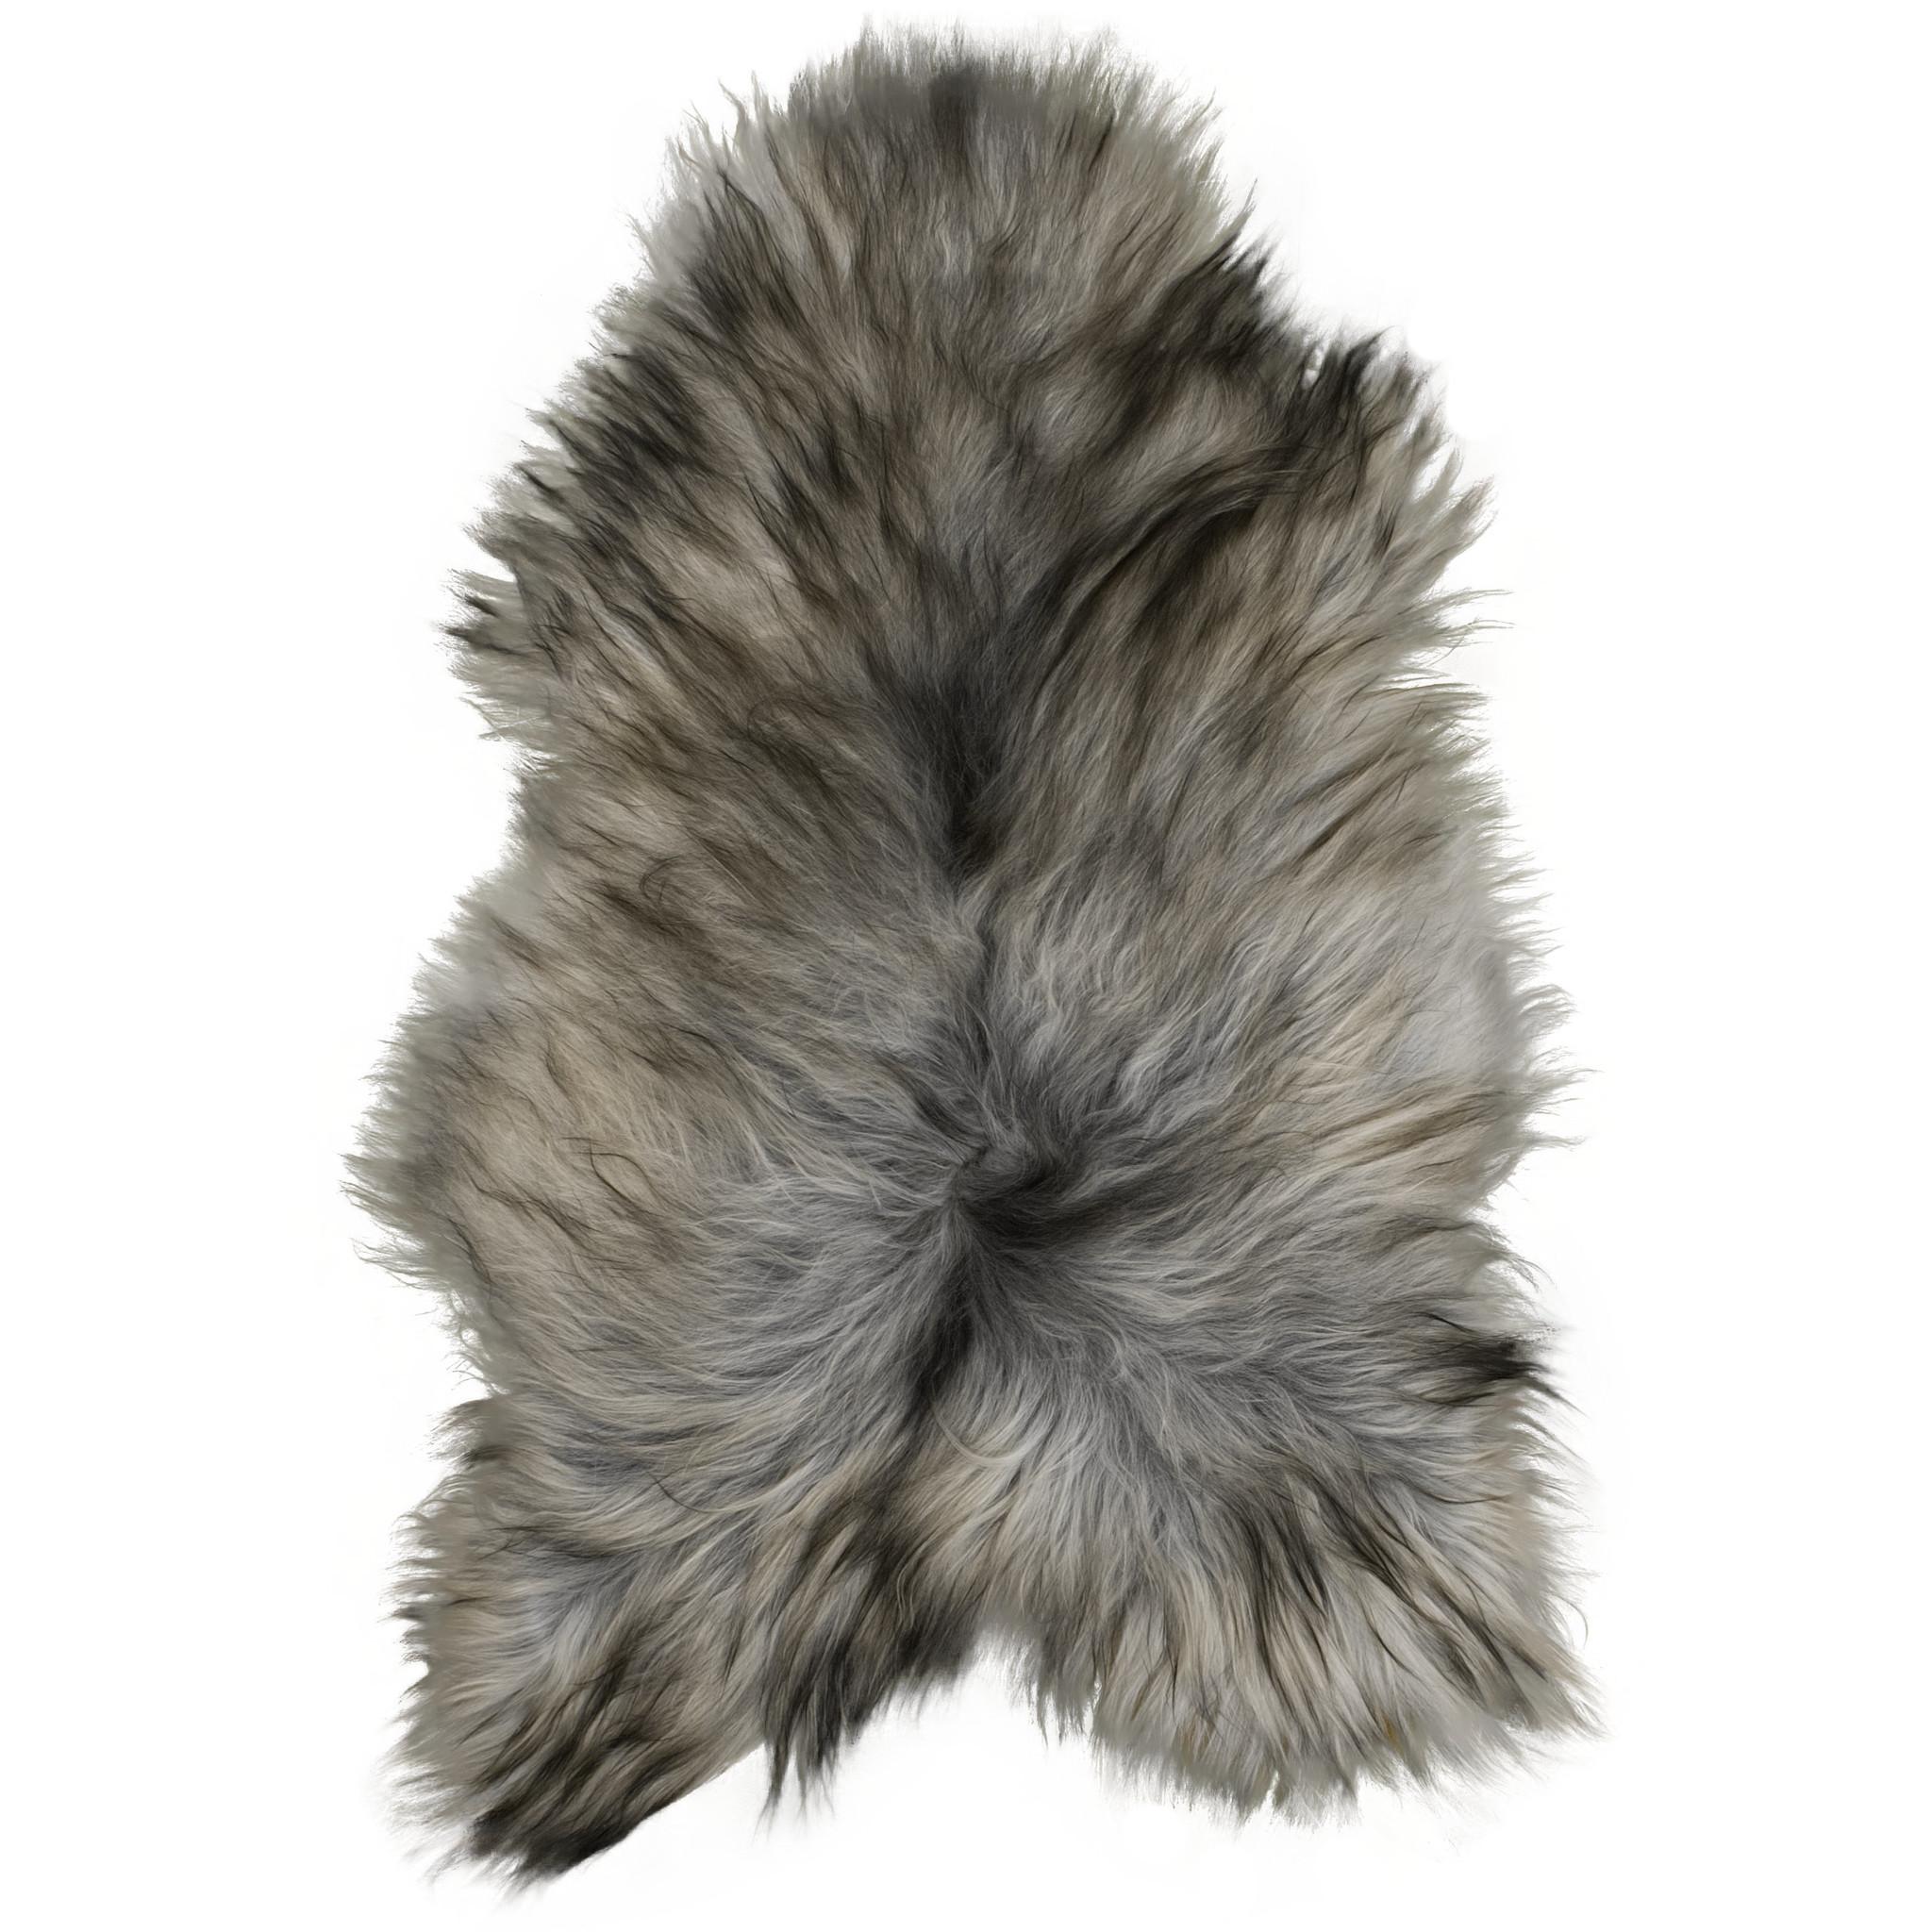 Van Buren IJslands schapenvacht - Natuurlijk grijs